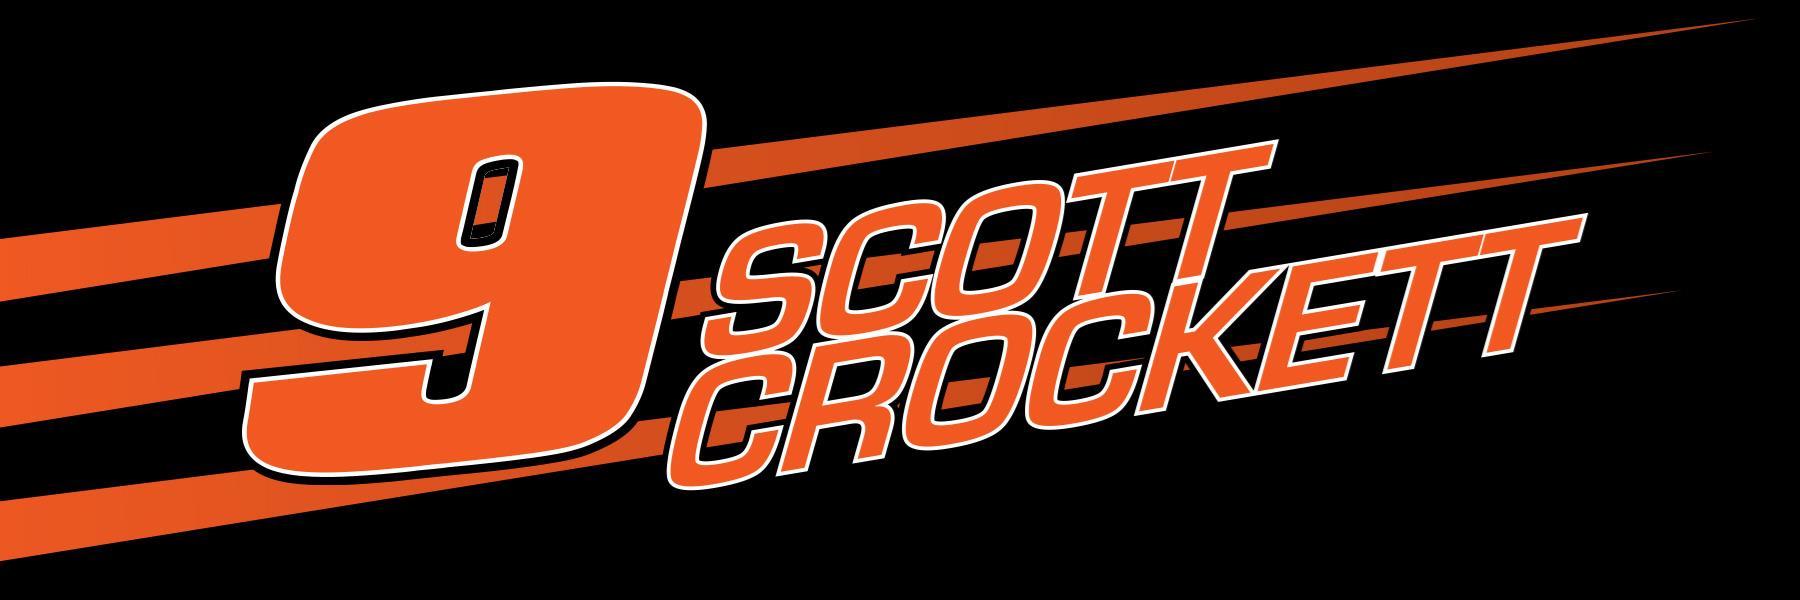 Scott Crockett